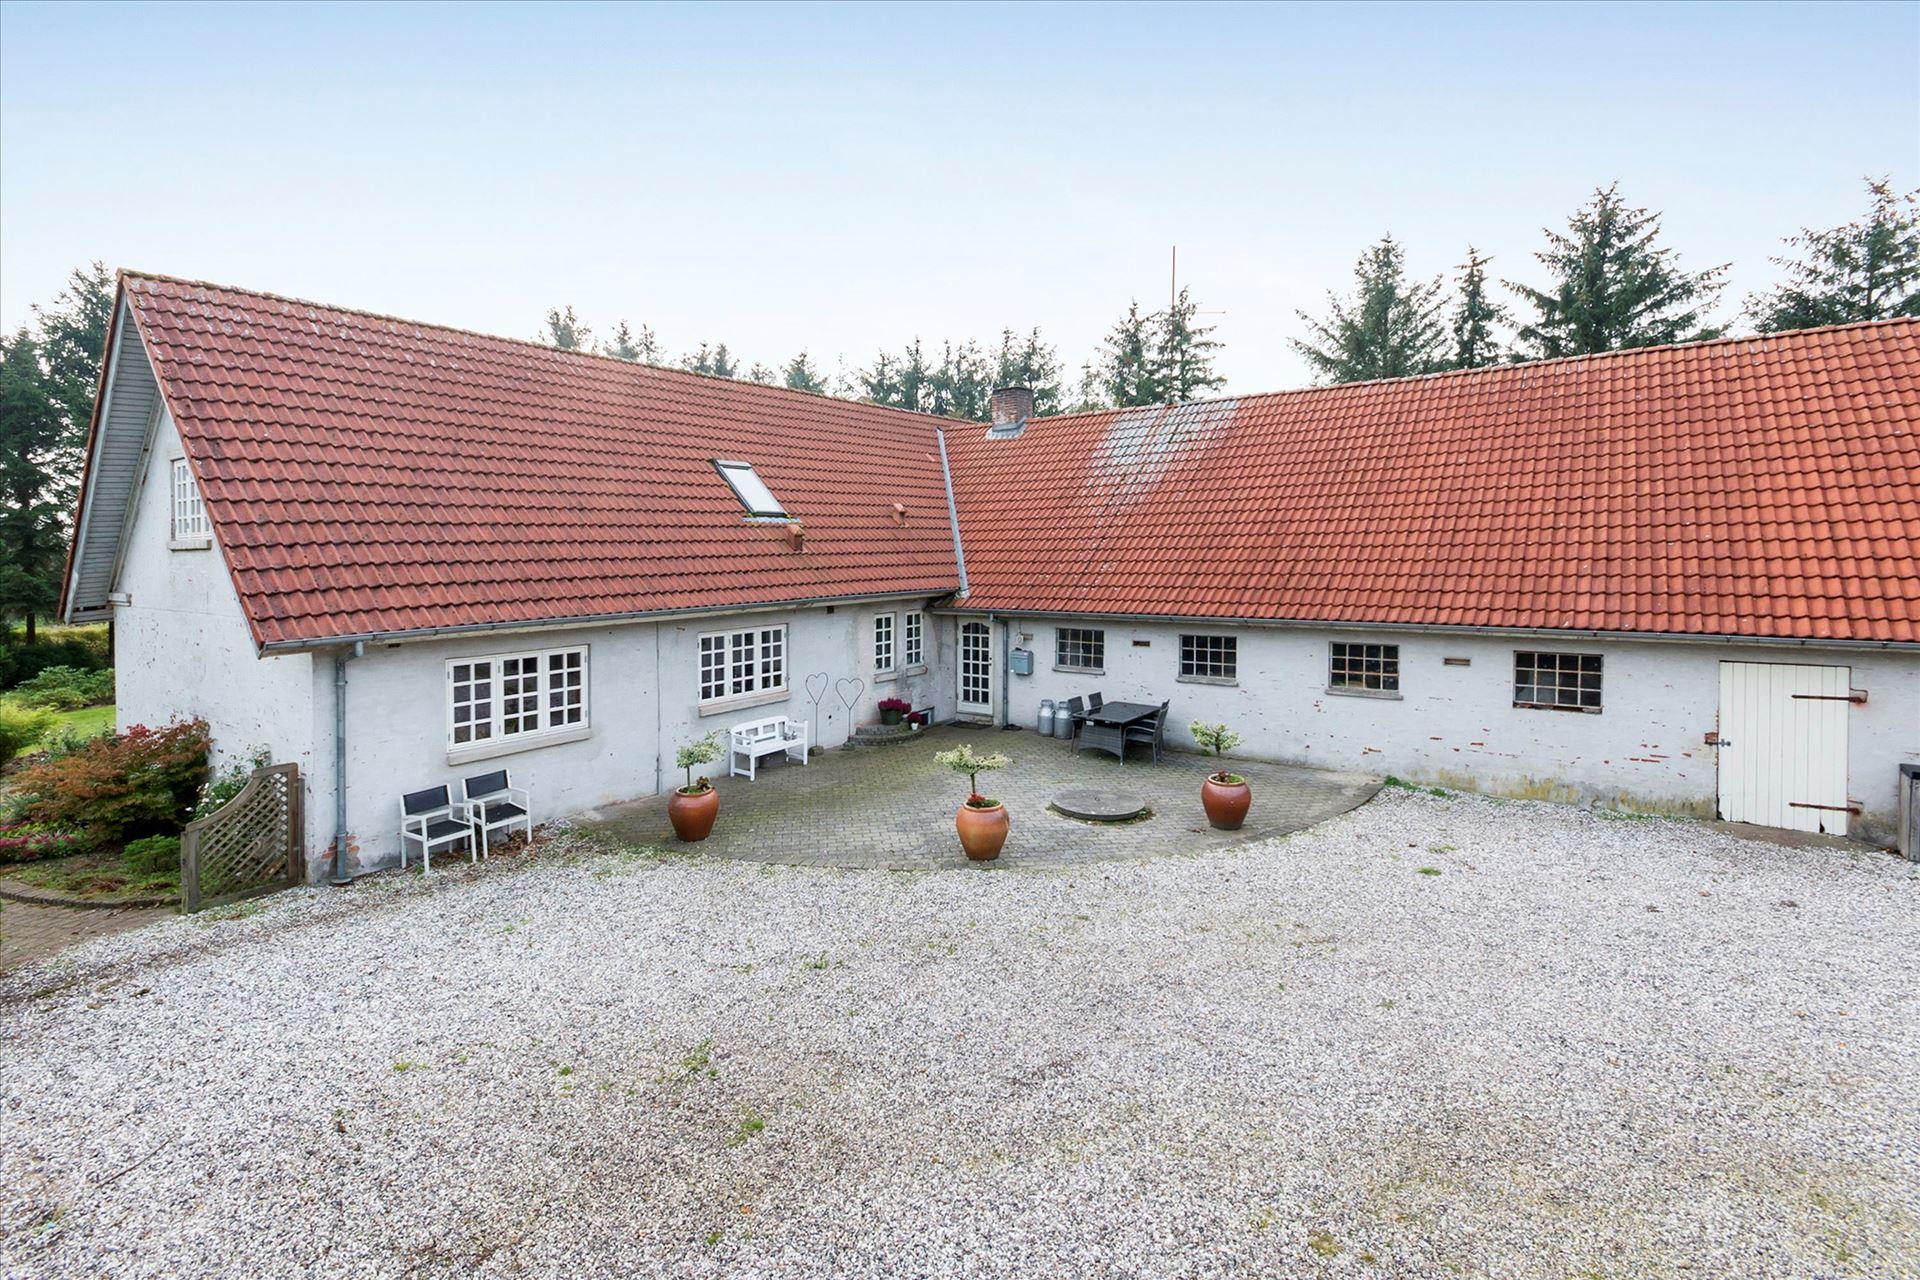 Planteavlsgårde/landbrugsjord til Salg - Glerupvej 5, urup, 7200 Grindsted